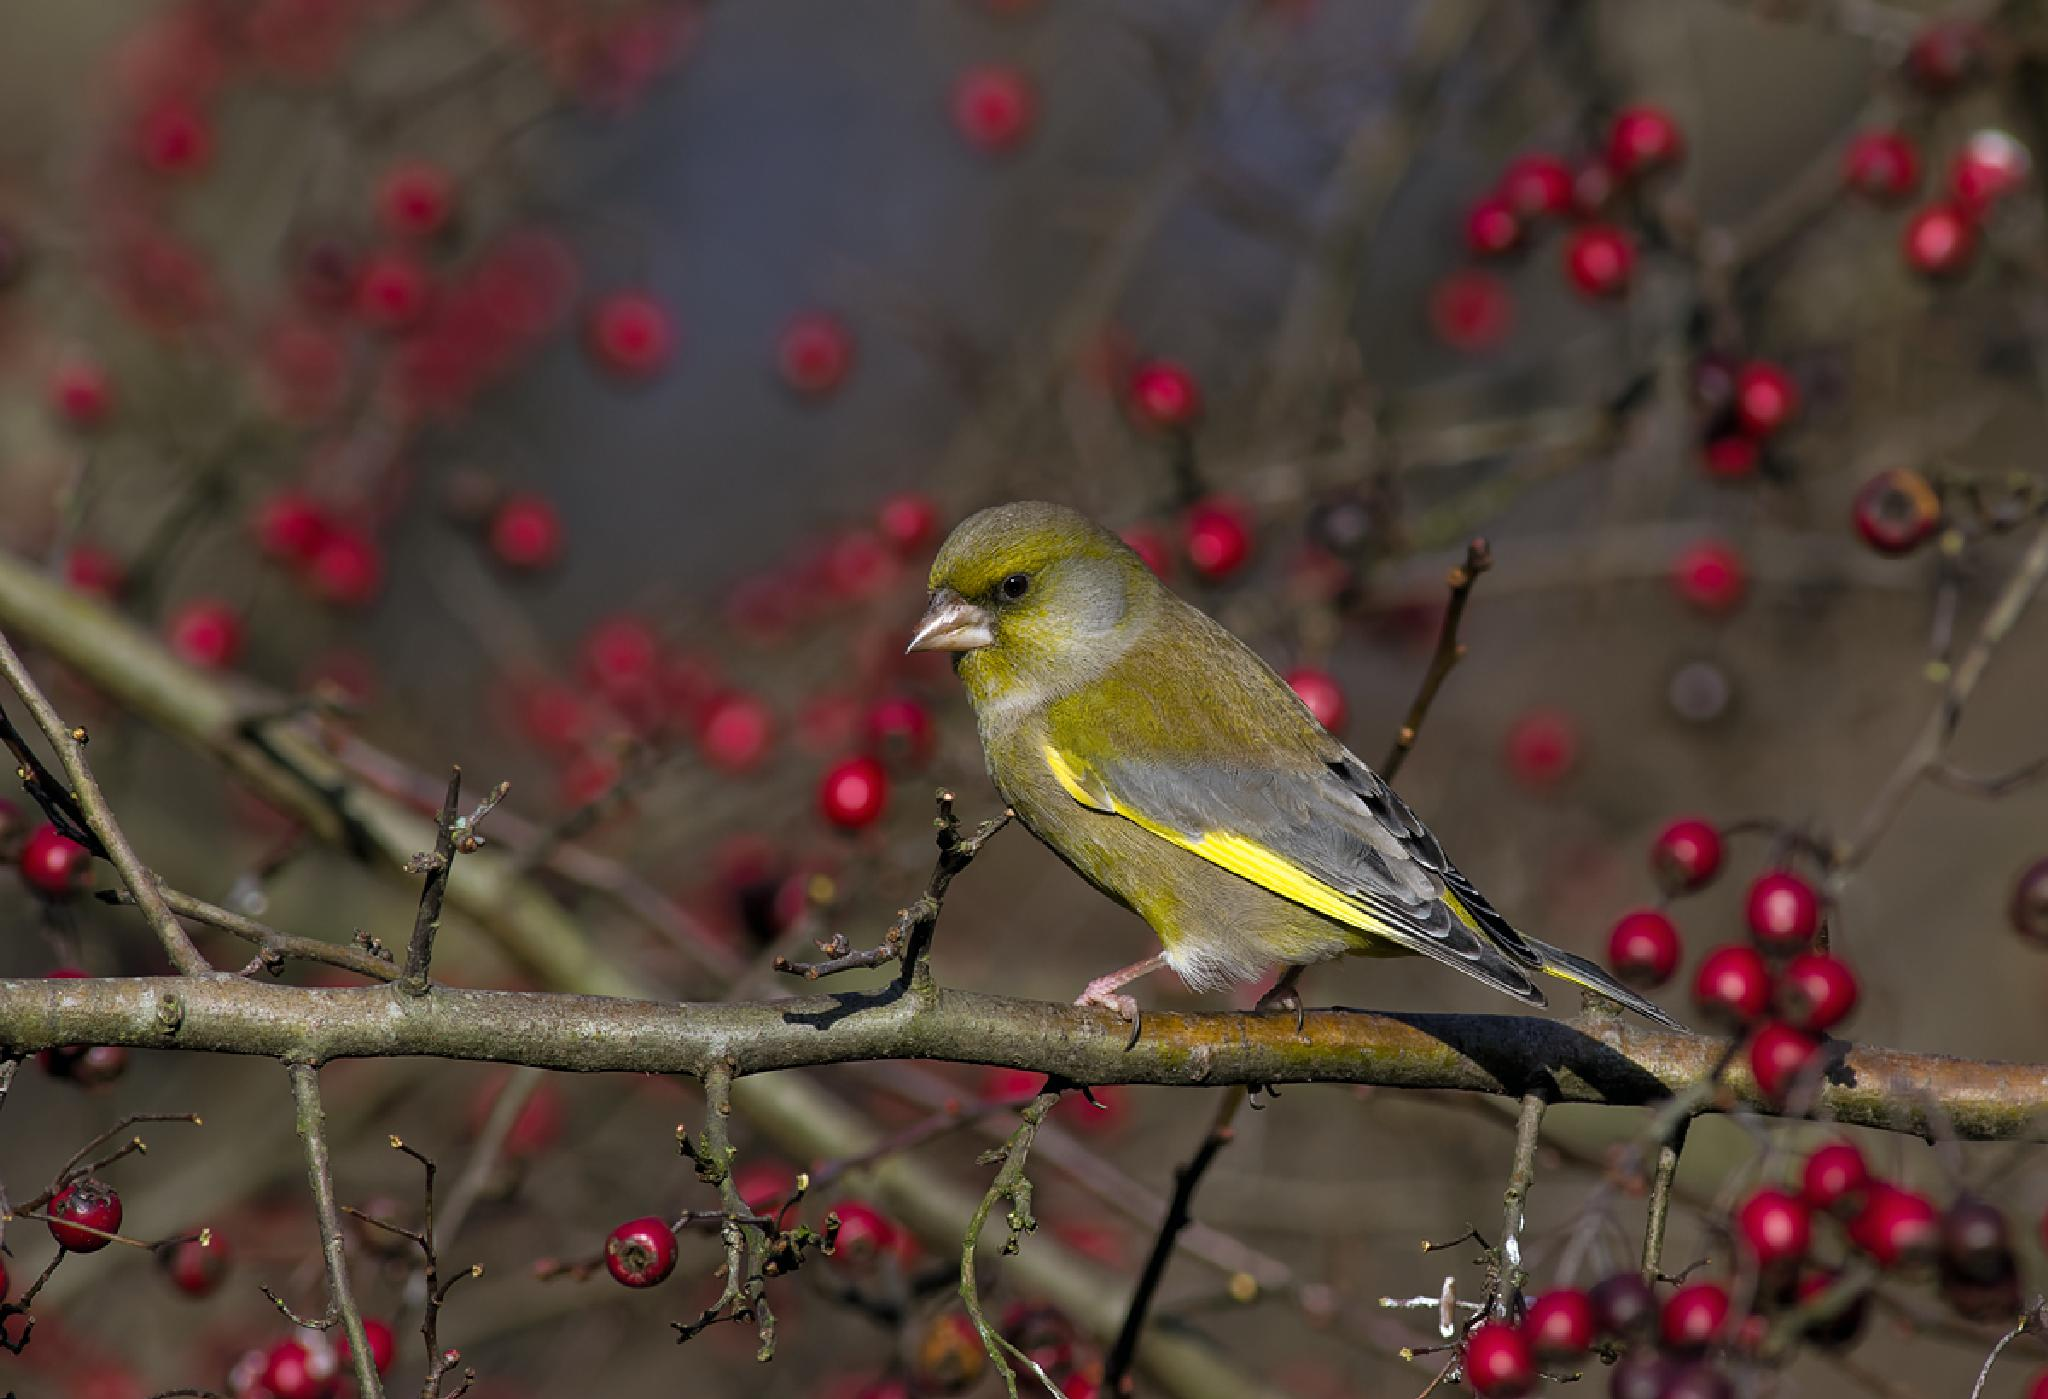 European Greenfinch by ole nørholm